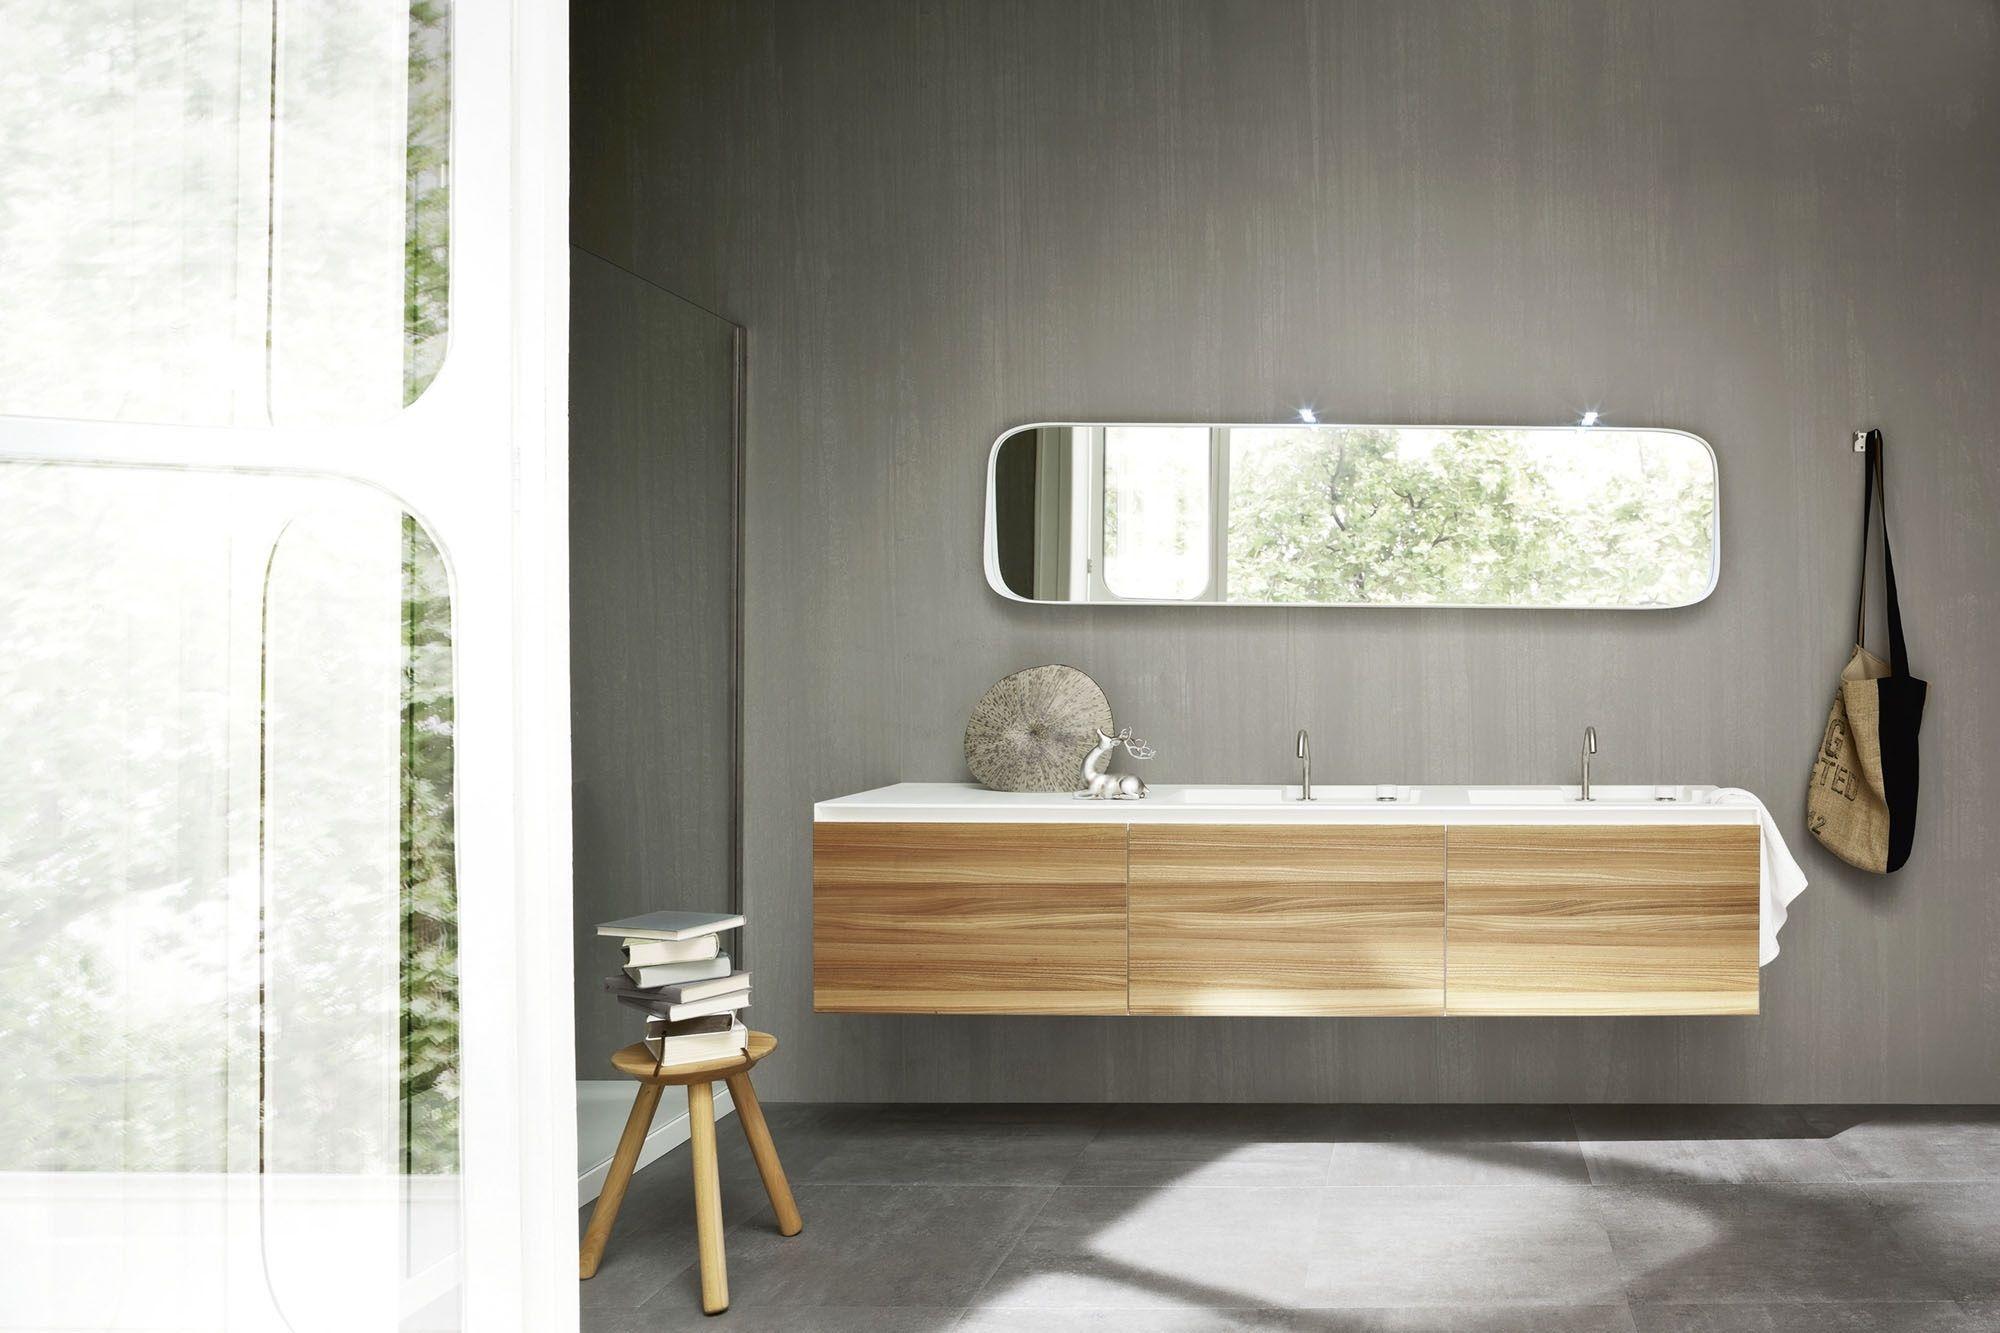 Lavabos Dobles Para Baño:Lavabos dobles para el cuarto de baño